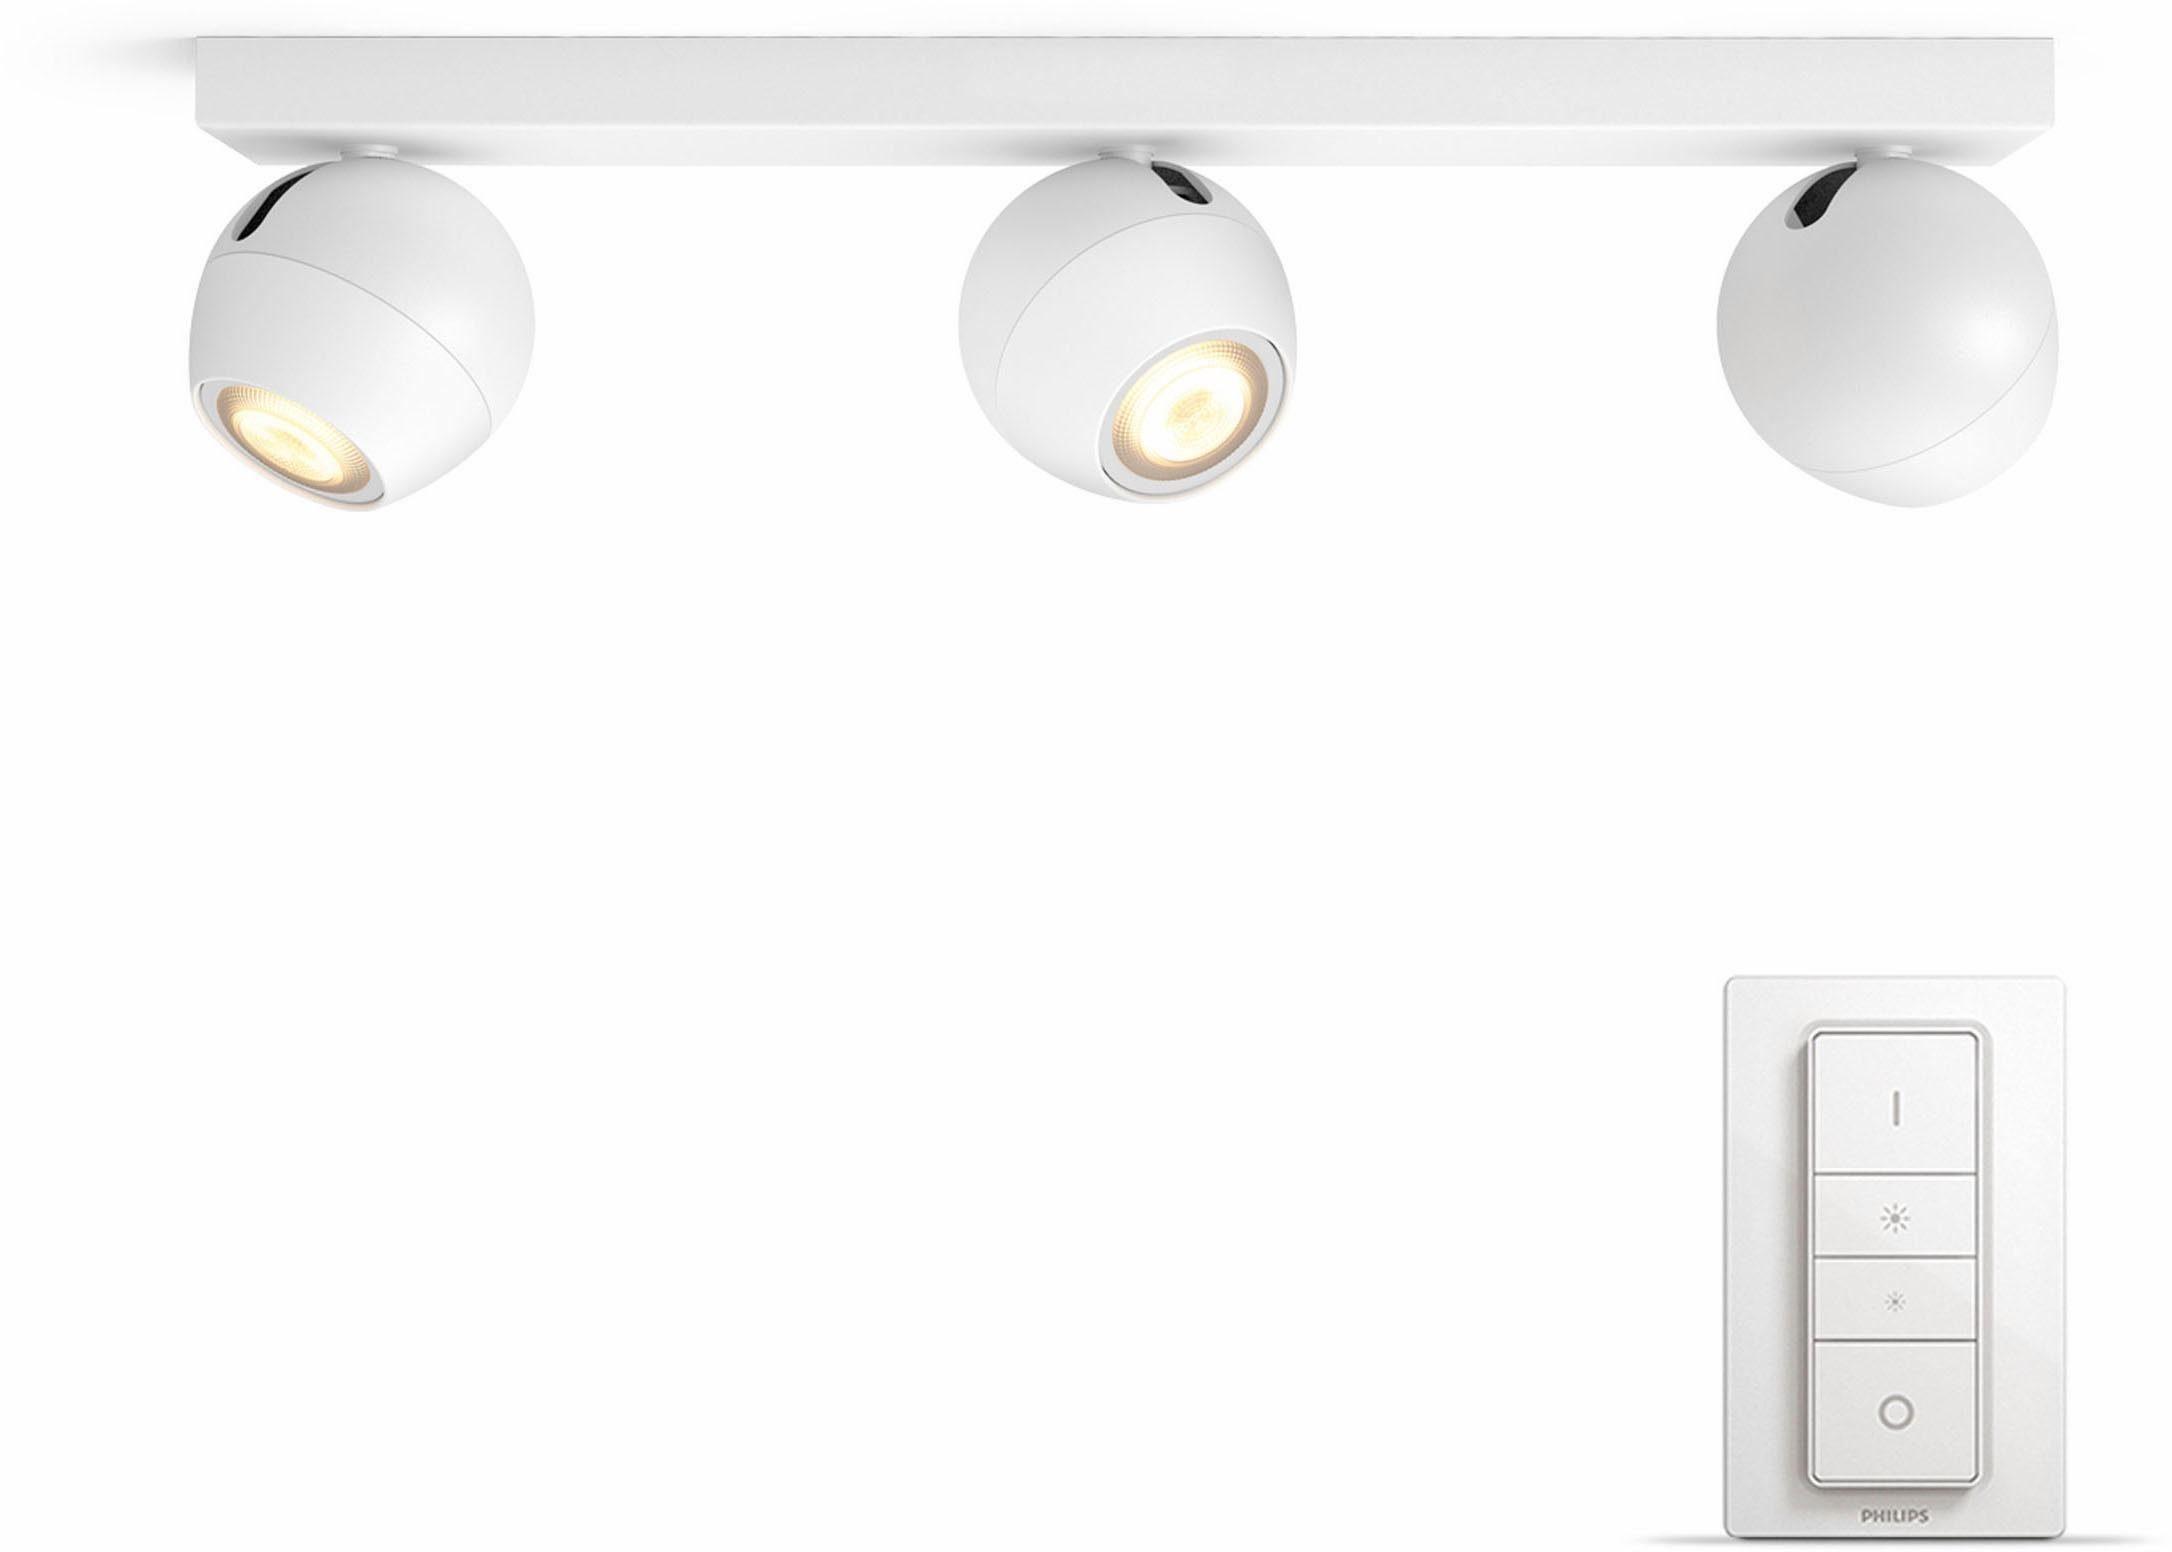 Philips Hue LED Spot Buckram weiß 3flg. inkl. Dimmschalter – der einf. Einstieg in Ihr Smart Home